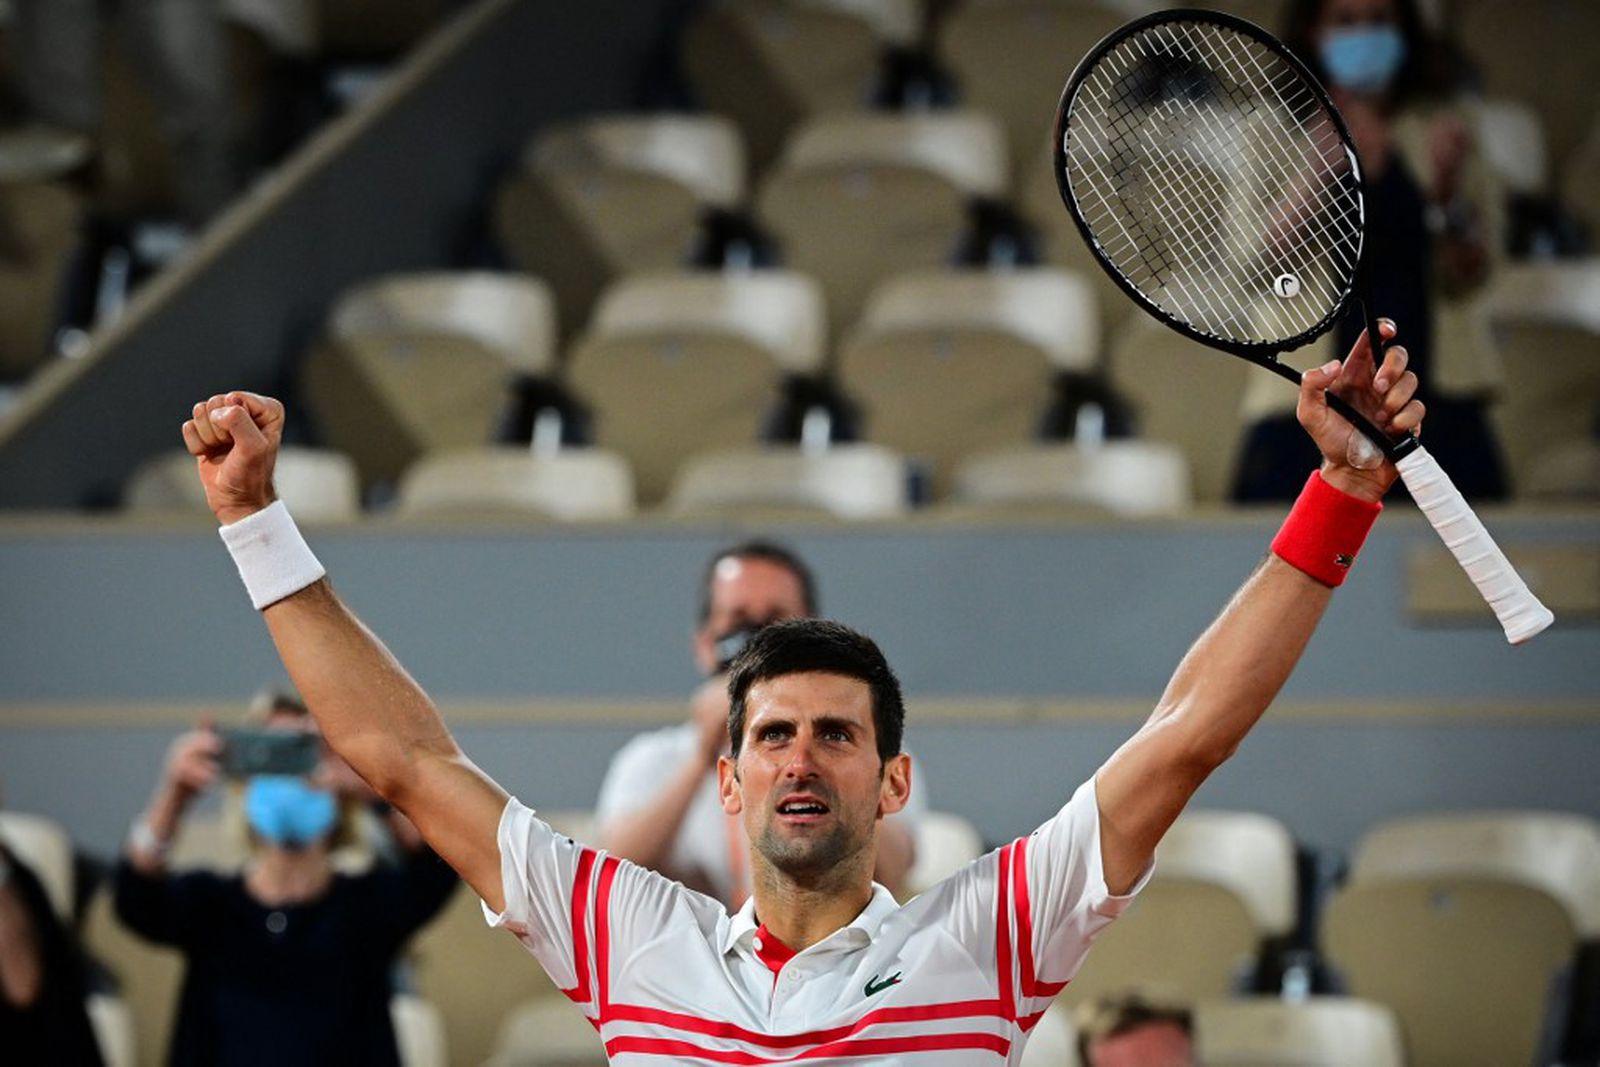 Ngay cả khi đó là trận đấu của tay vợt nam,sẽ thật đau đầu nếu đánh đến trận thứ năm